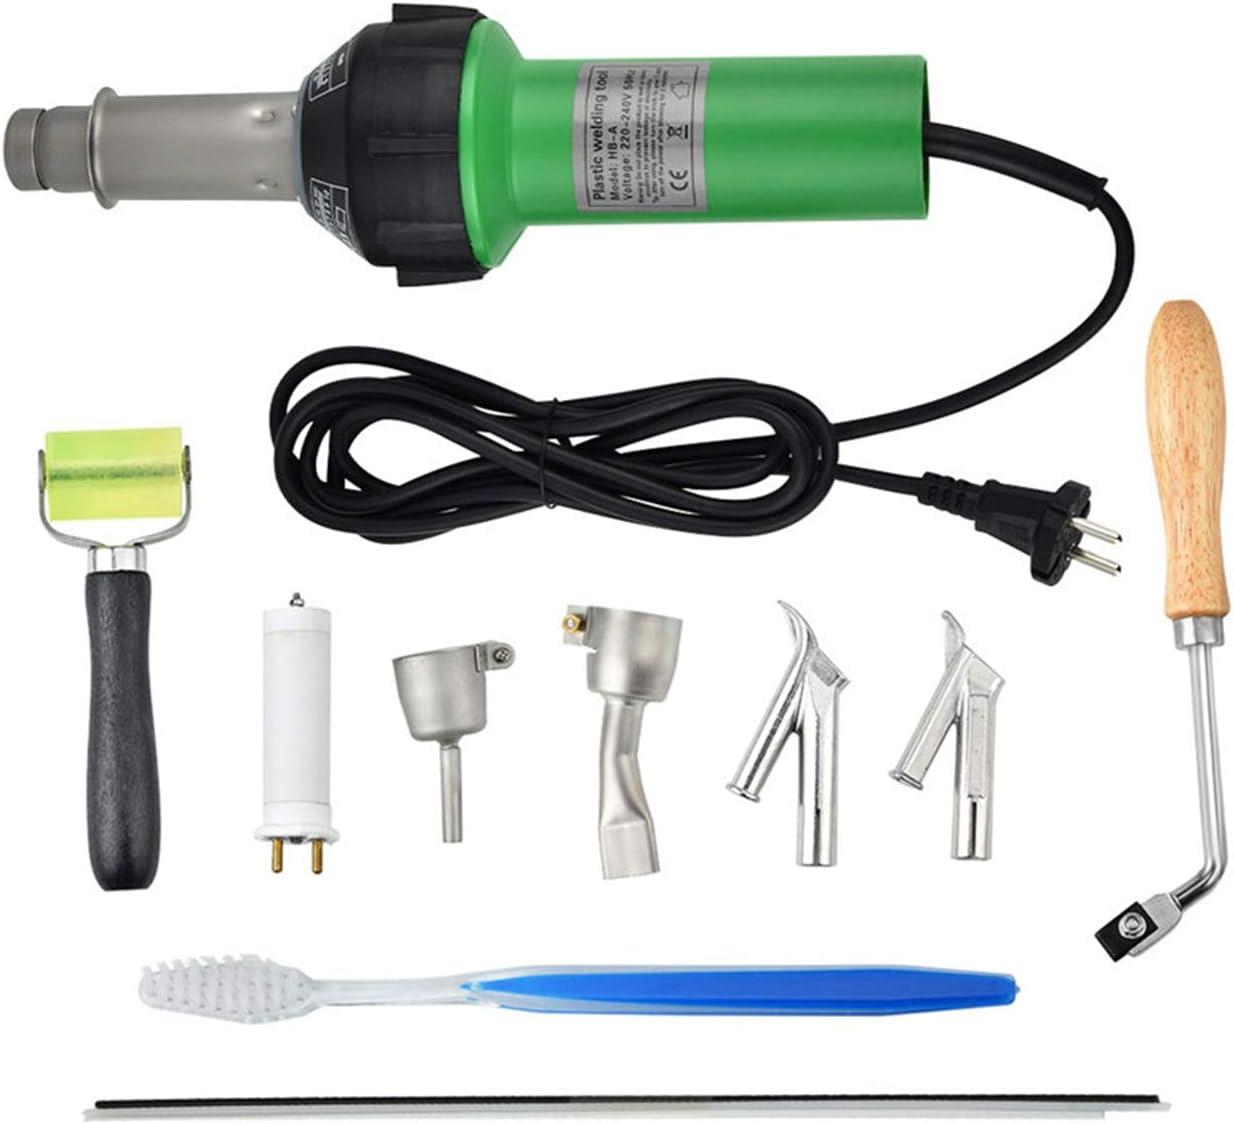 TTLIFE 1600W Soldadora de plástico de mano,Ajustable 40 ° C - 600 ° C Soldador de Plastico Antorcha de Aire Caliente Pistola de Plástico Pistola de Soldadura con Speed Boquillas